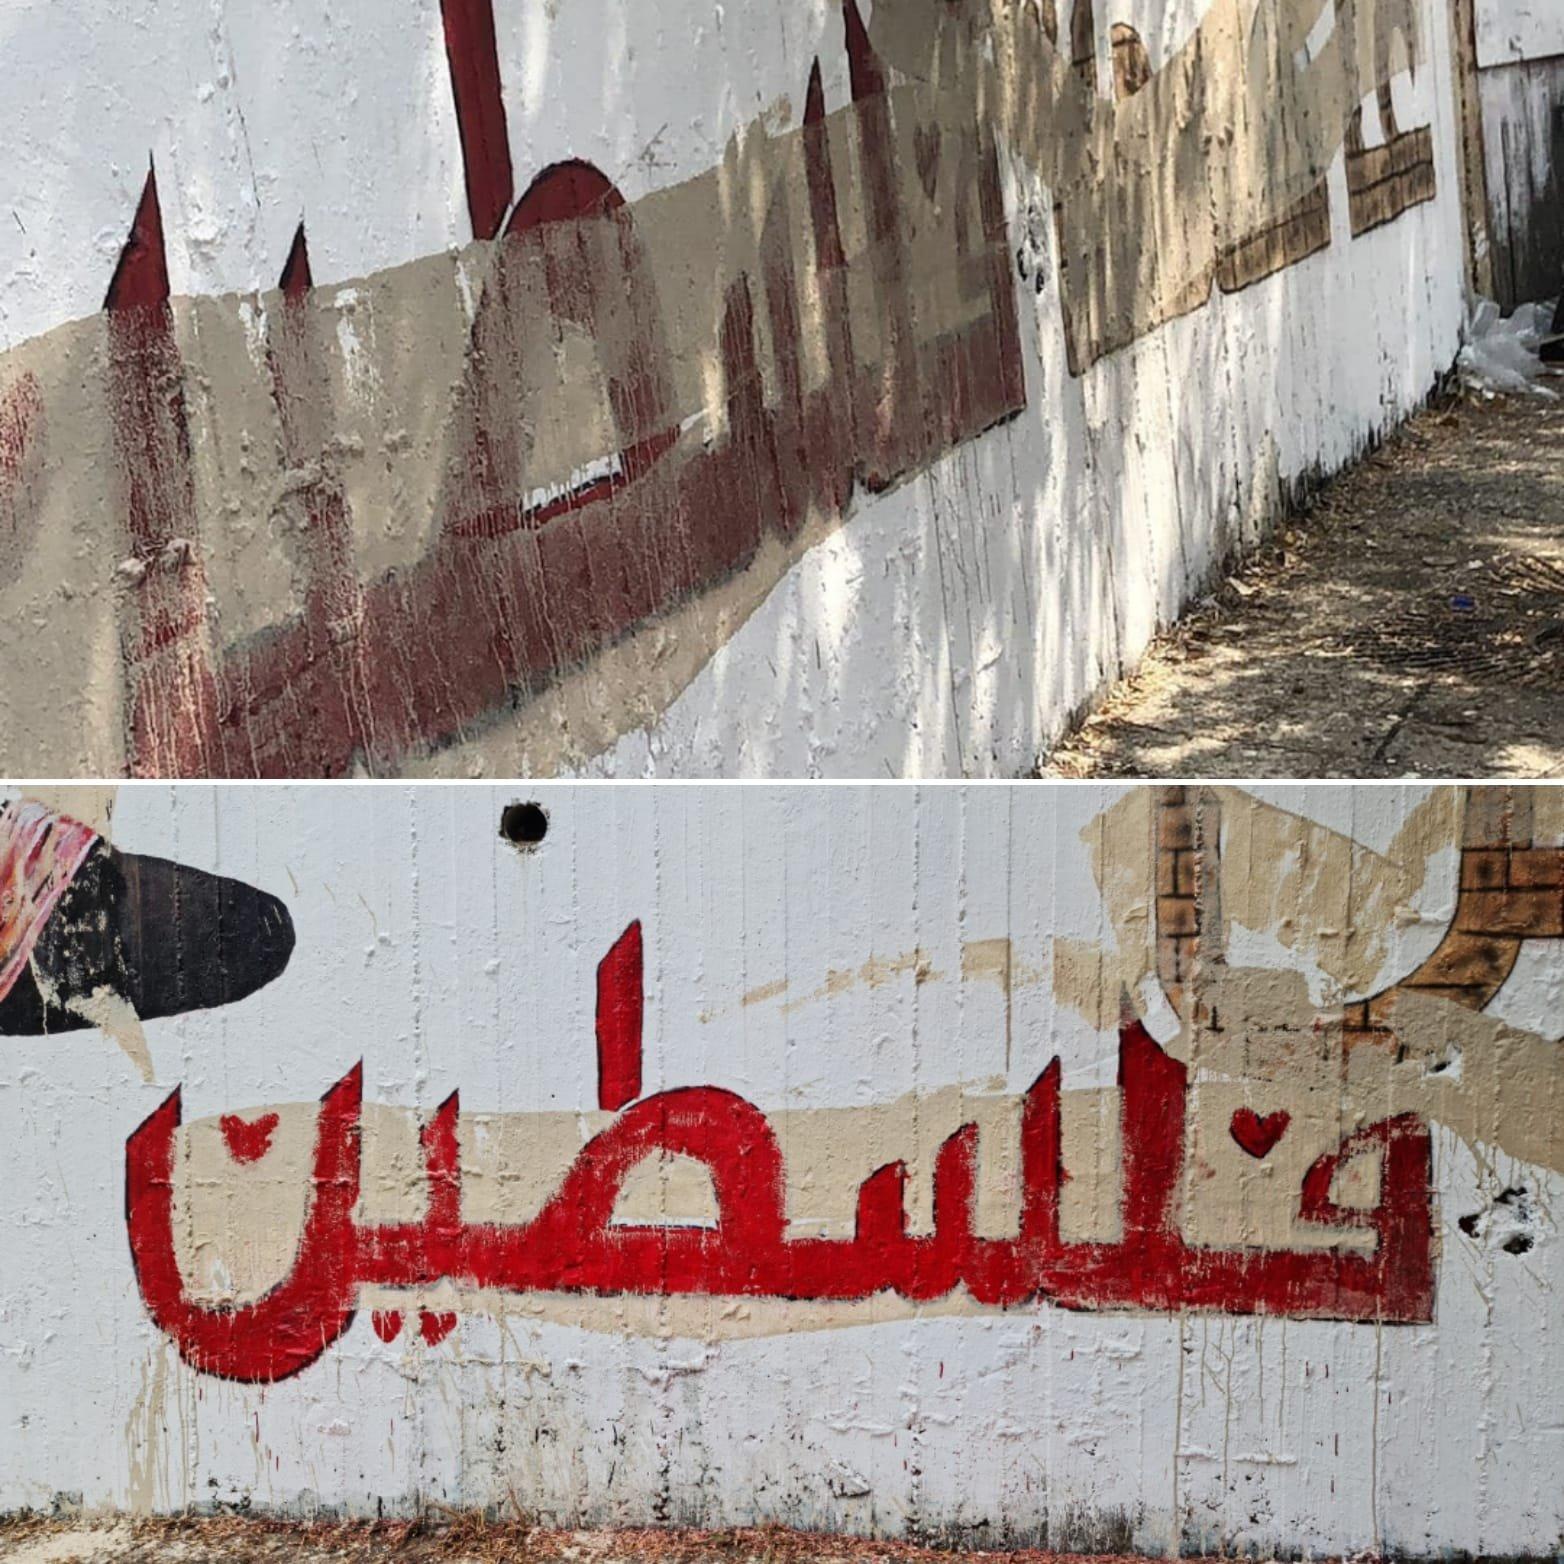 للمرة الرابعة.. تخريب الجداريات في مدينة الناصرة-4